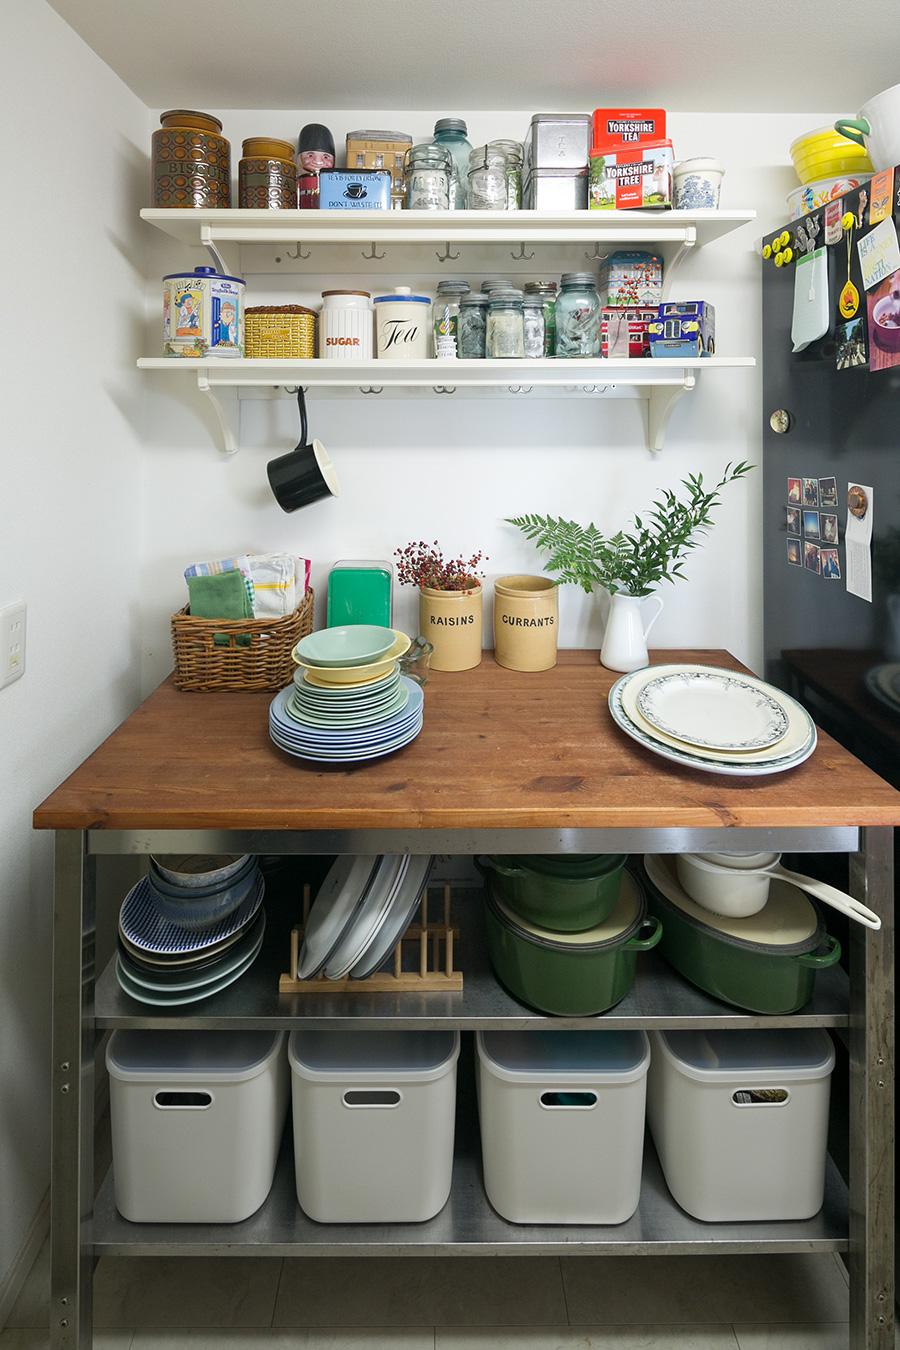 IKEAのカウンターをキッチンに。棚の上には好きな紅茶のティーバッグを瓶に入れて並べている。